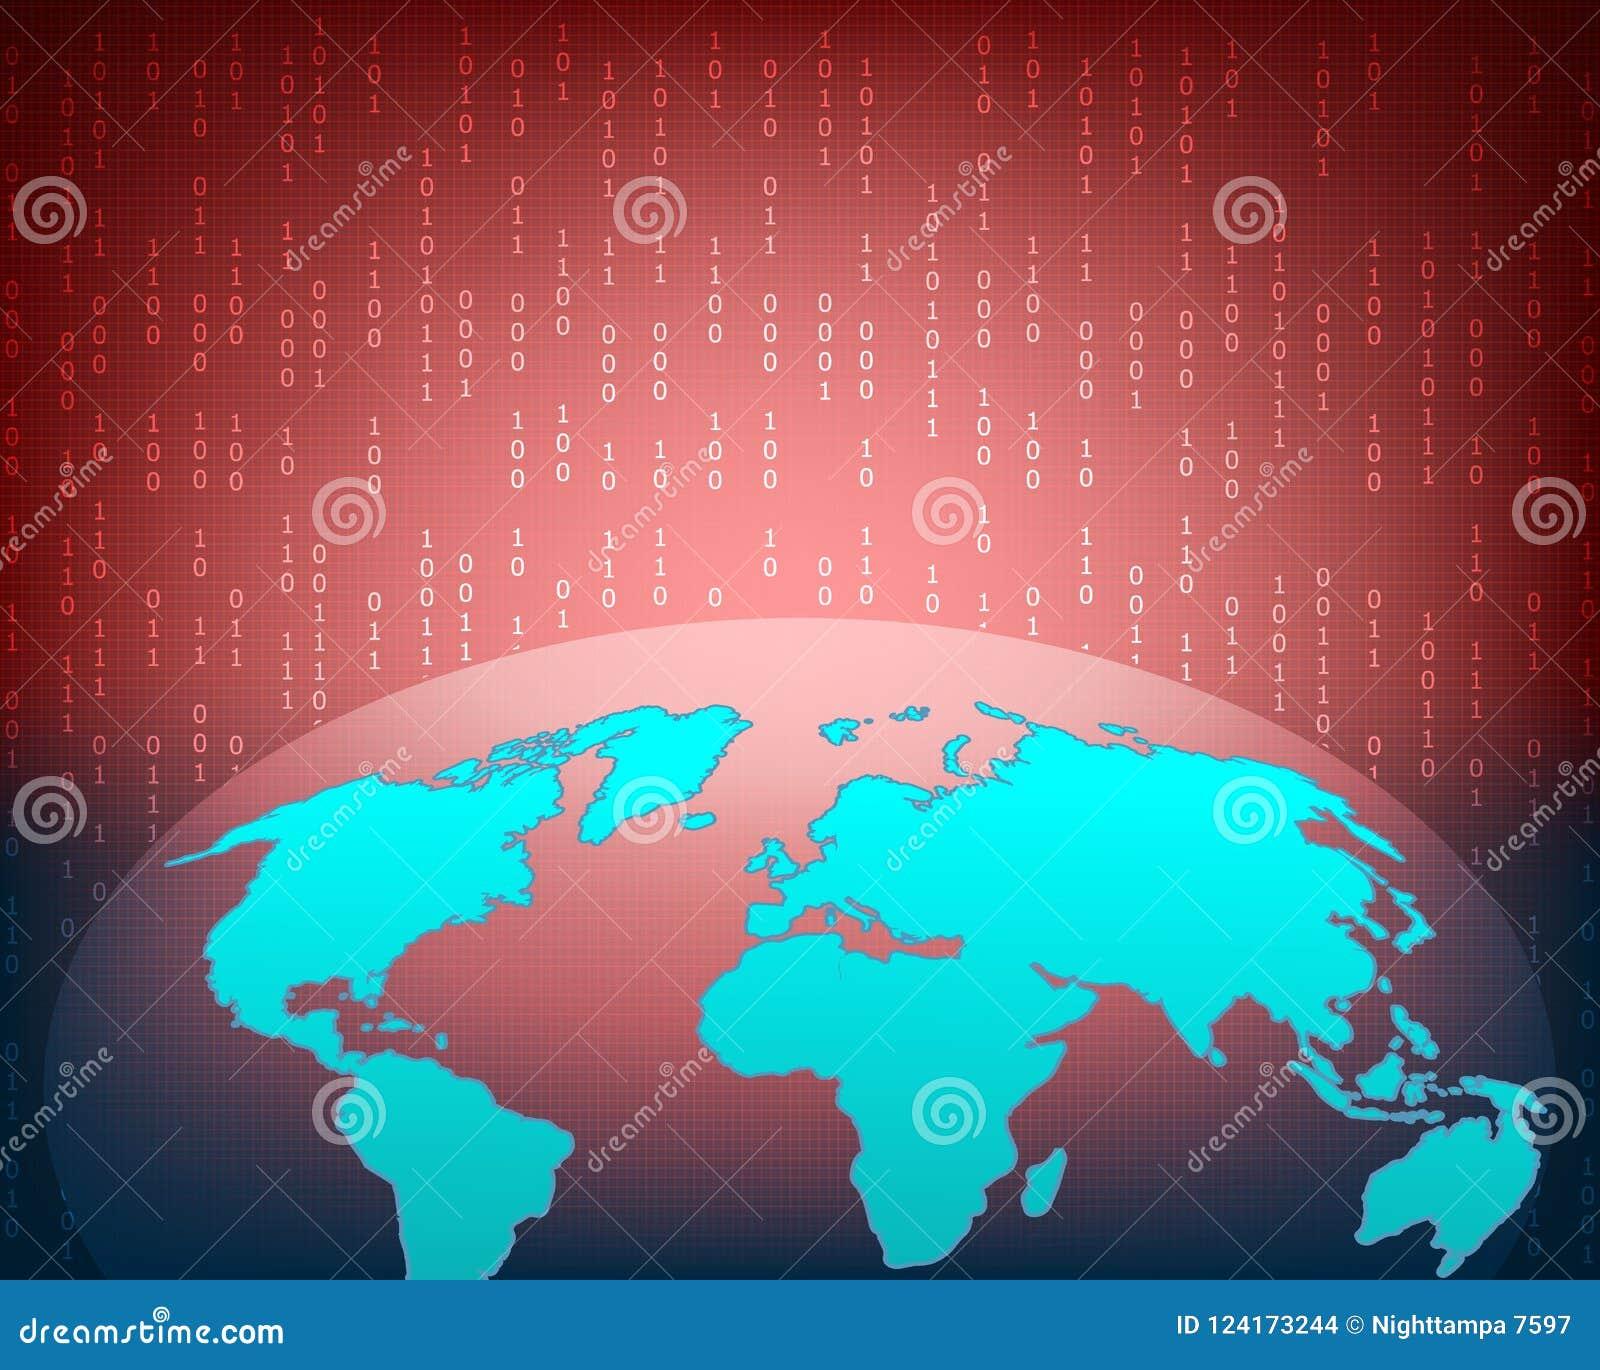 Ataque do Cyber do mapa do mundo pelo fundo do conceito do hacker com binário